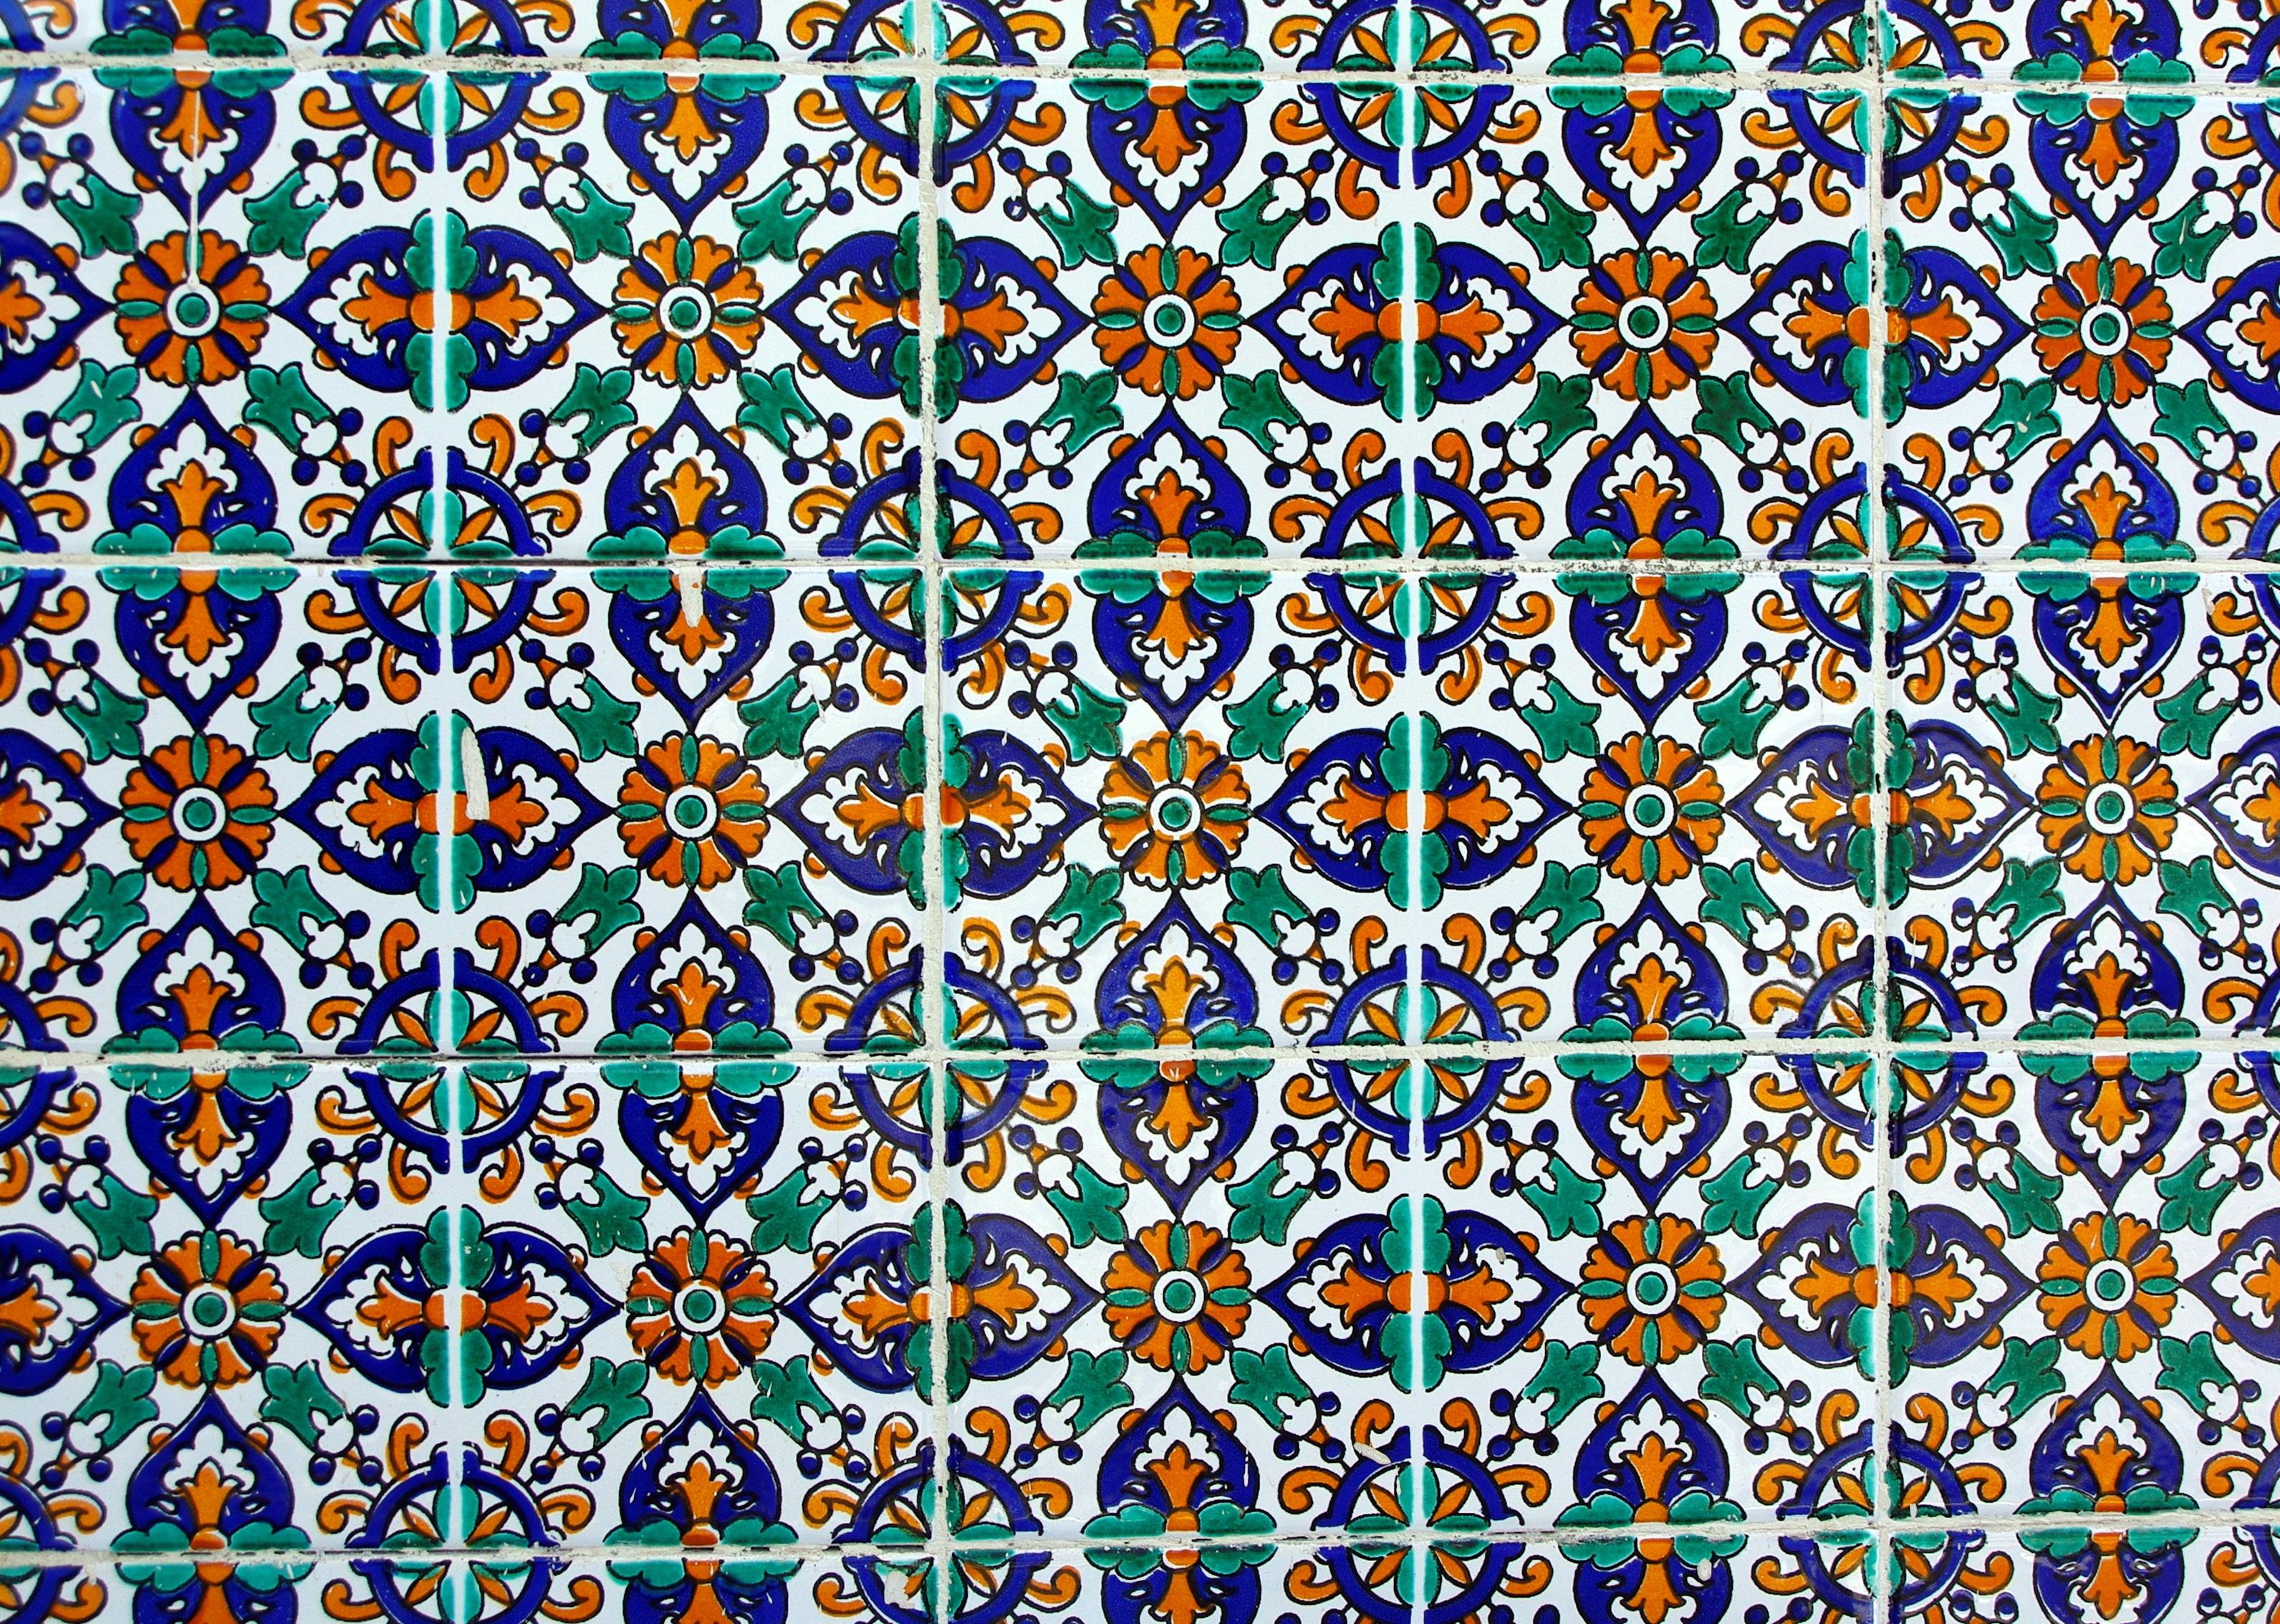 Fotos Gratis Patr 243 N L 237 Nea Cer 225 Mico Azul Circulo